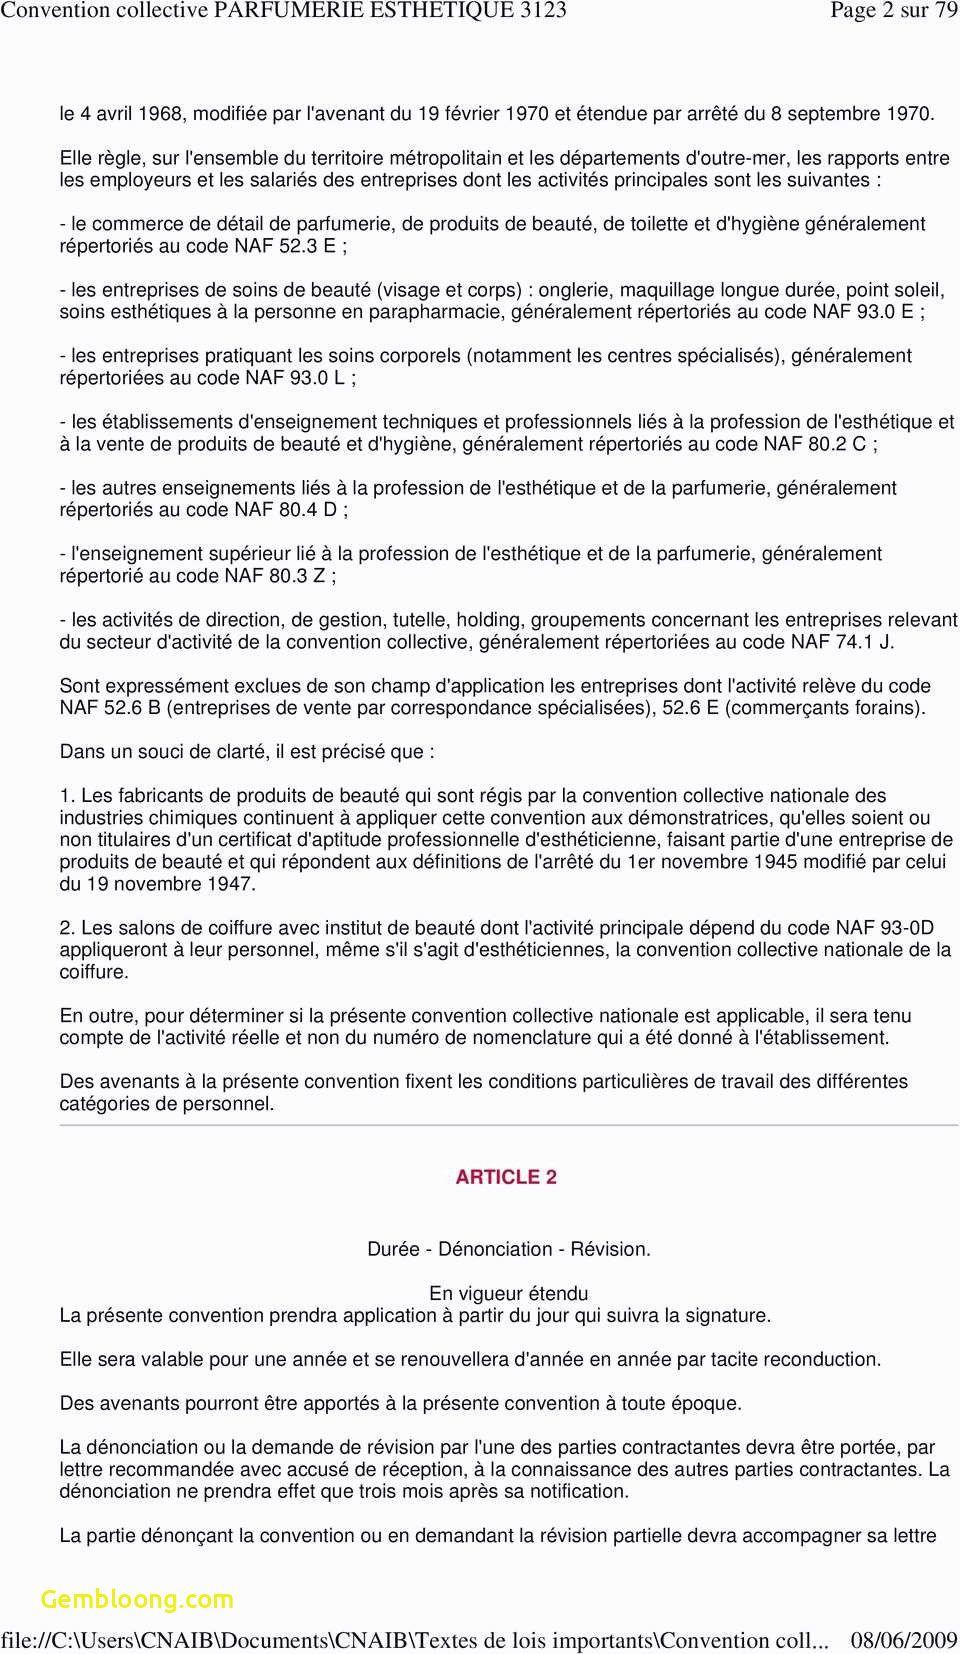 25 Unique Ecole Superieur De Coiffure Geneve Check more at